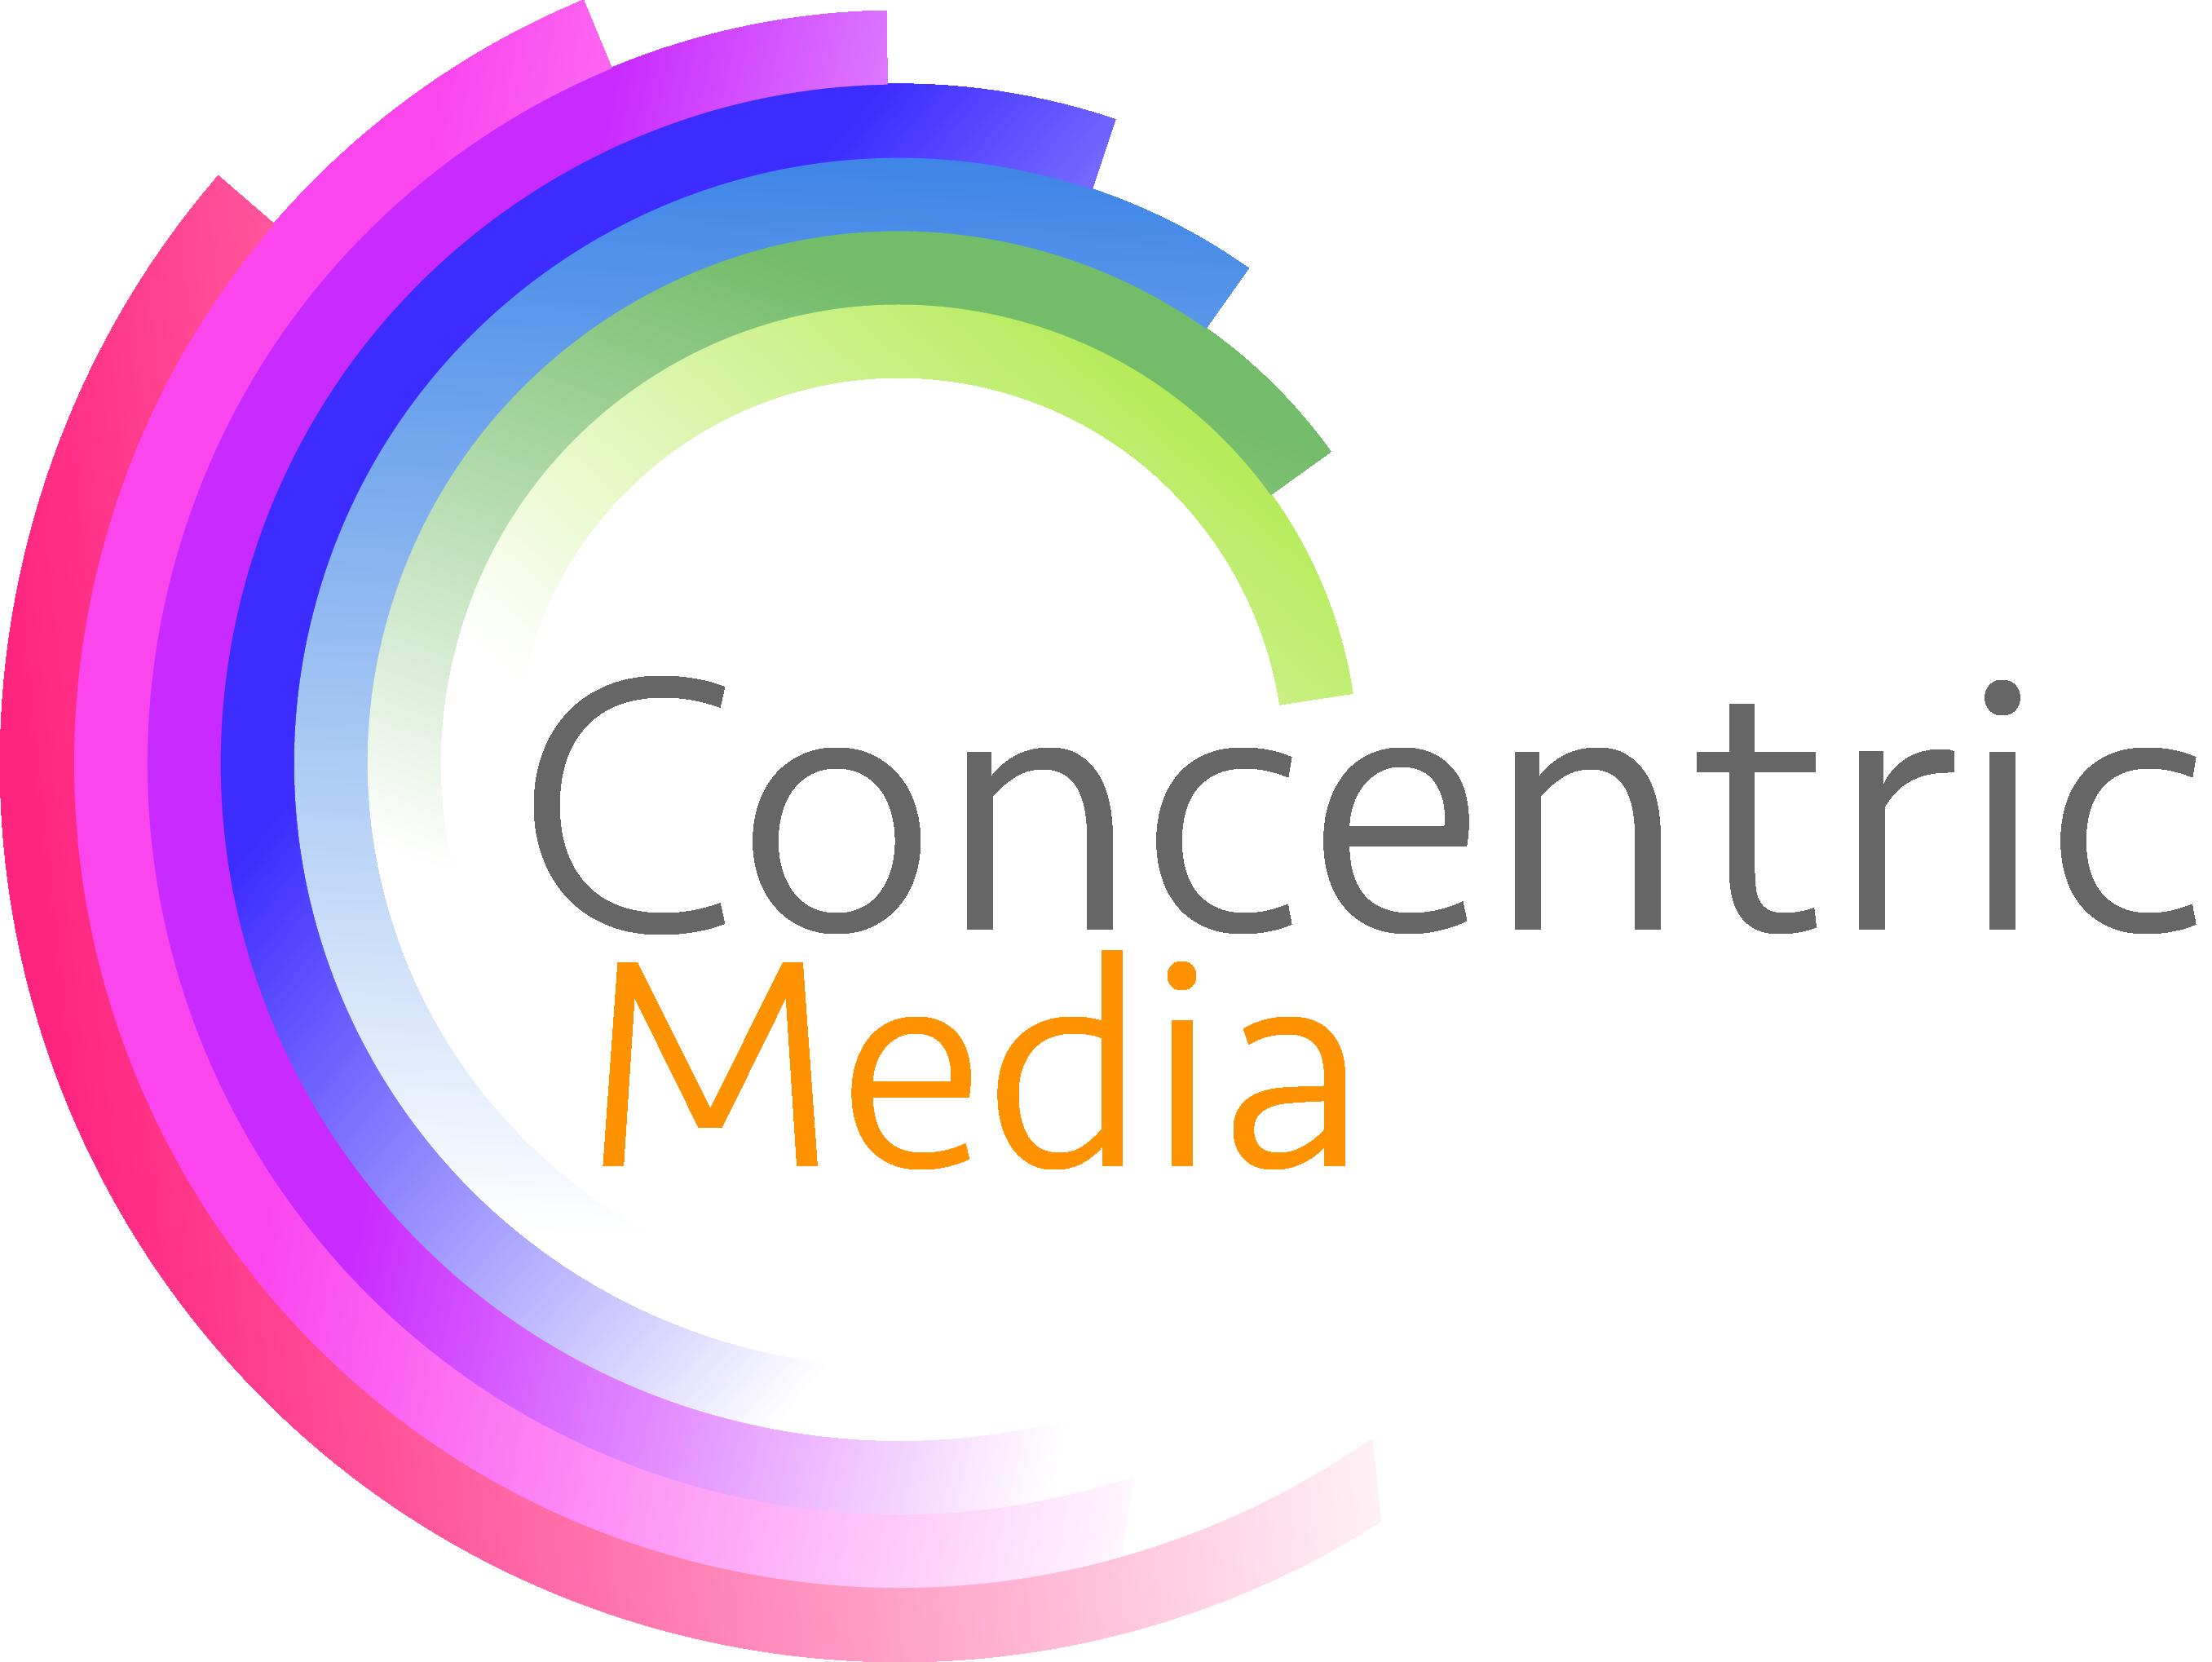 Concentric Media